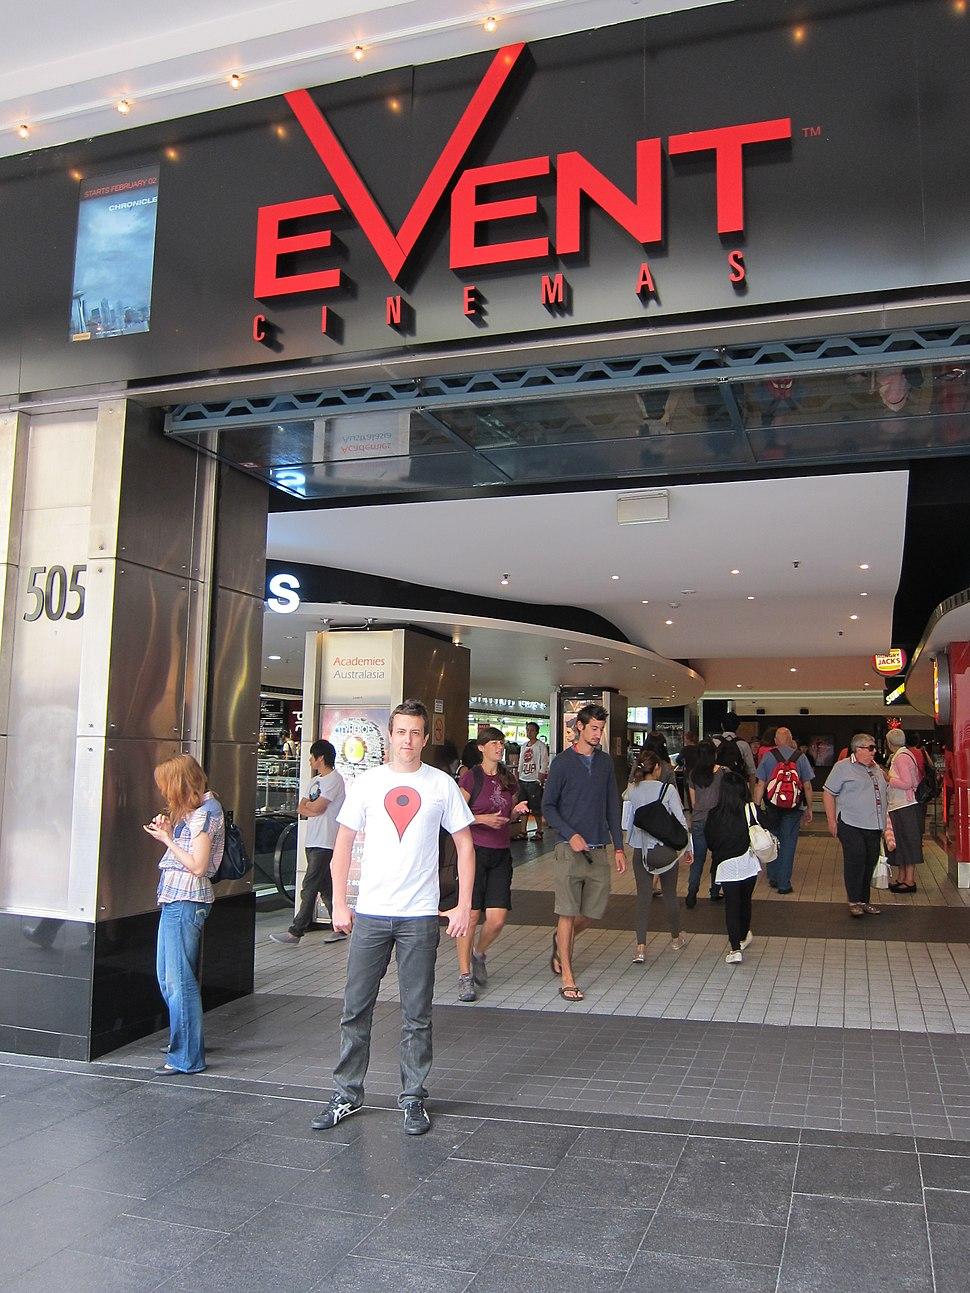 Event Cinema